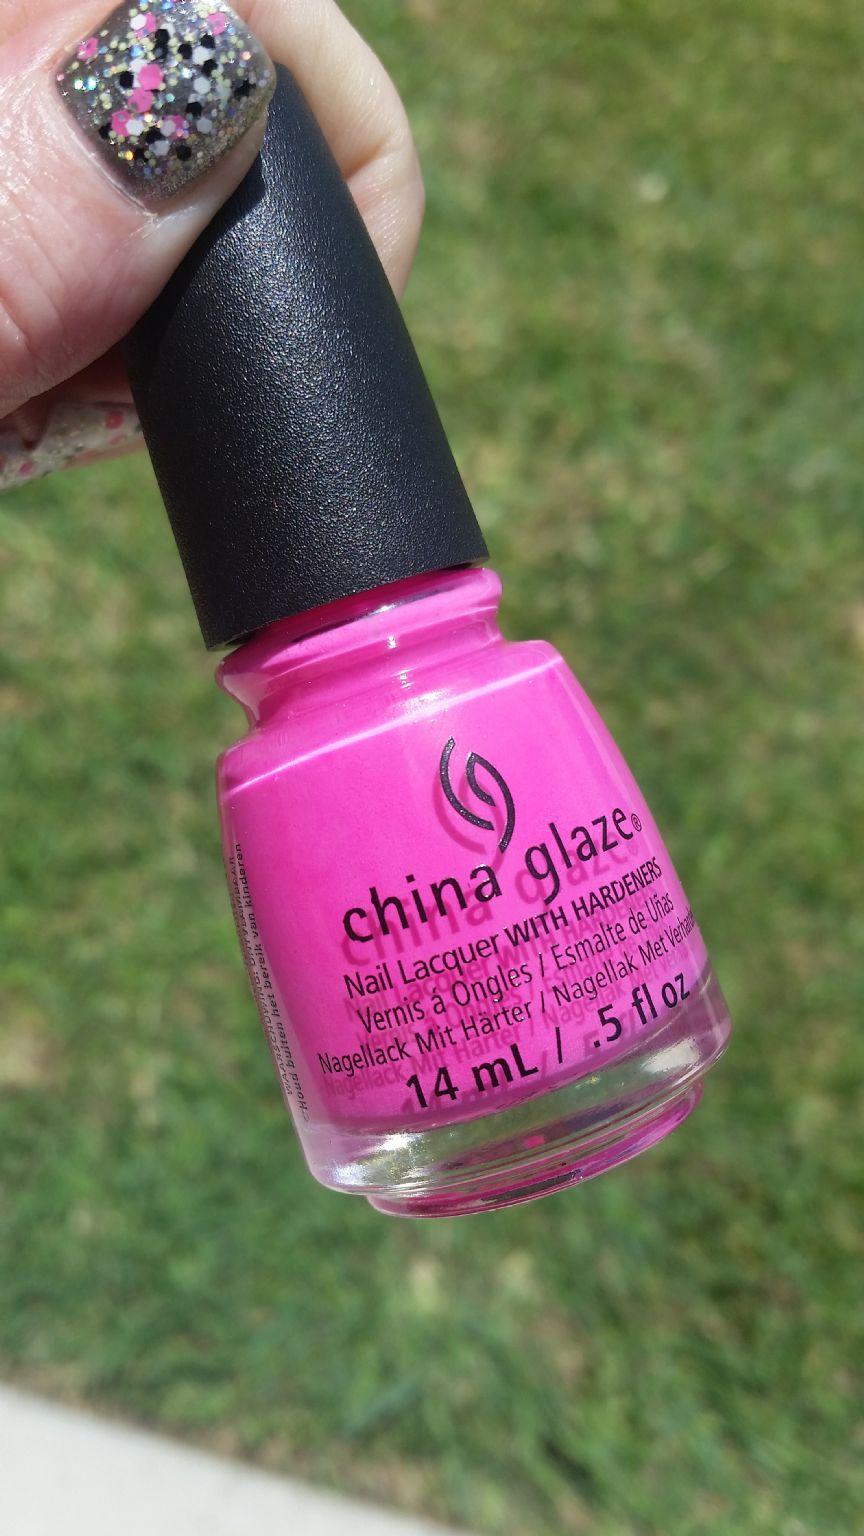 China Glaze Nail Polish Review Makeupalley – Papillon Day Spa